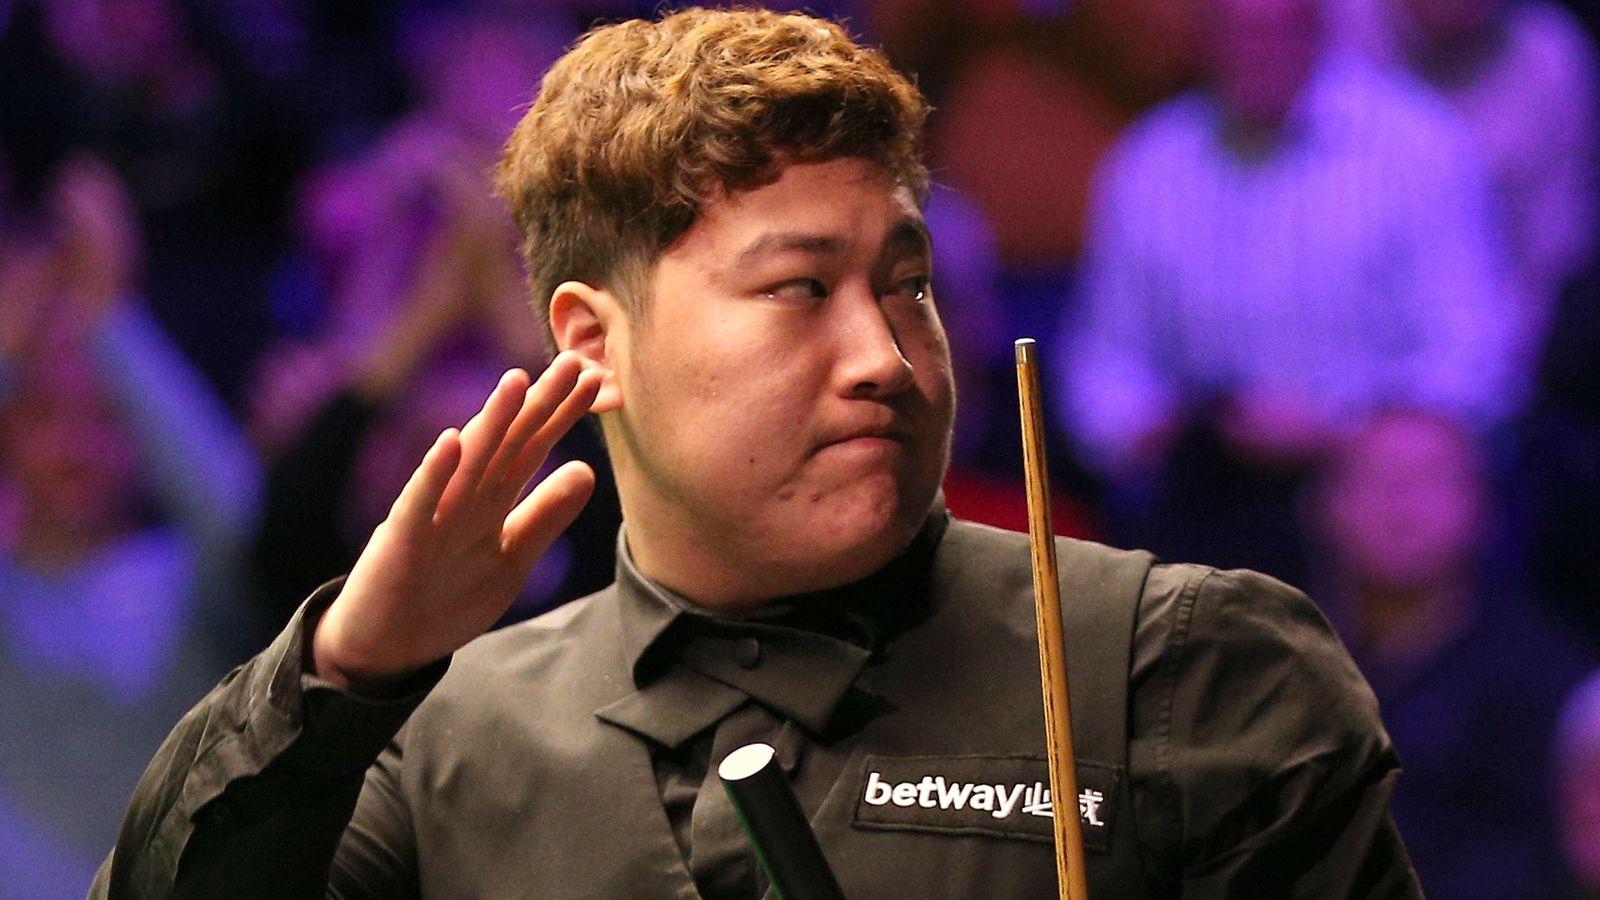 Yan Bingtao upsets Higgins to